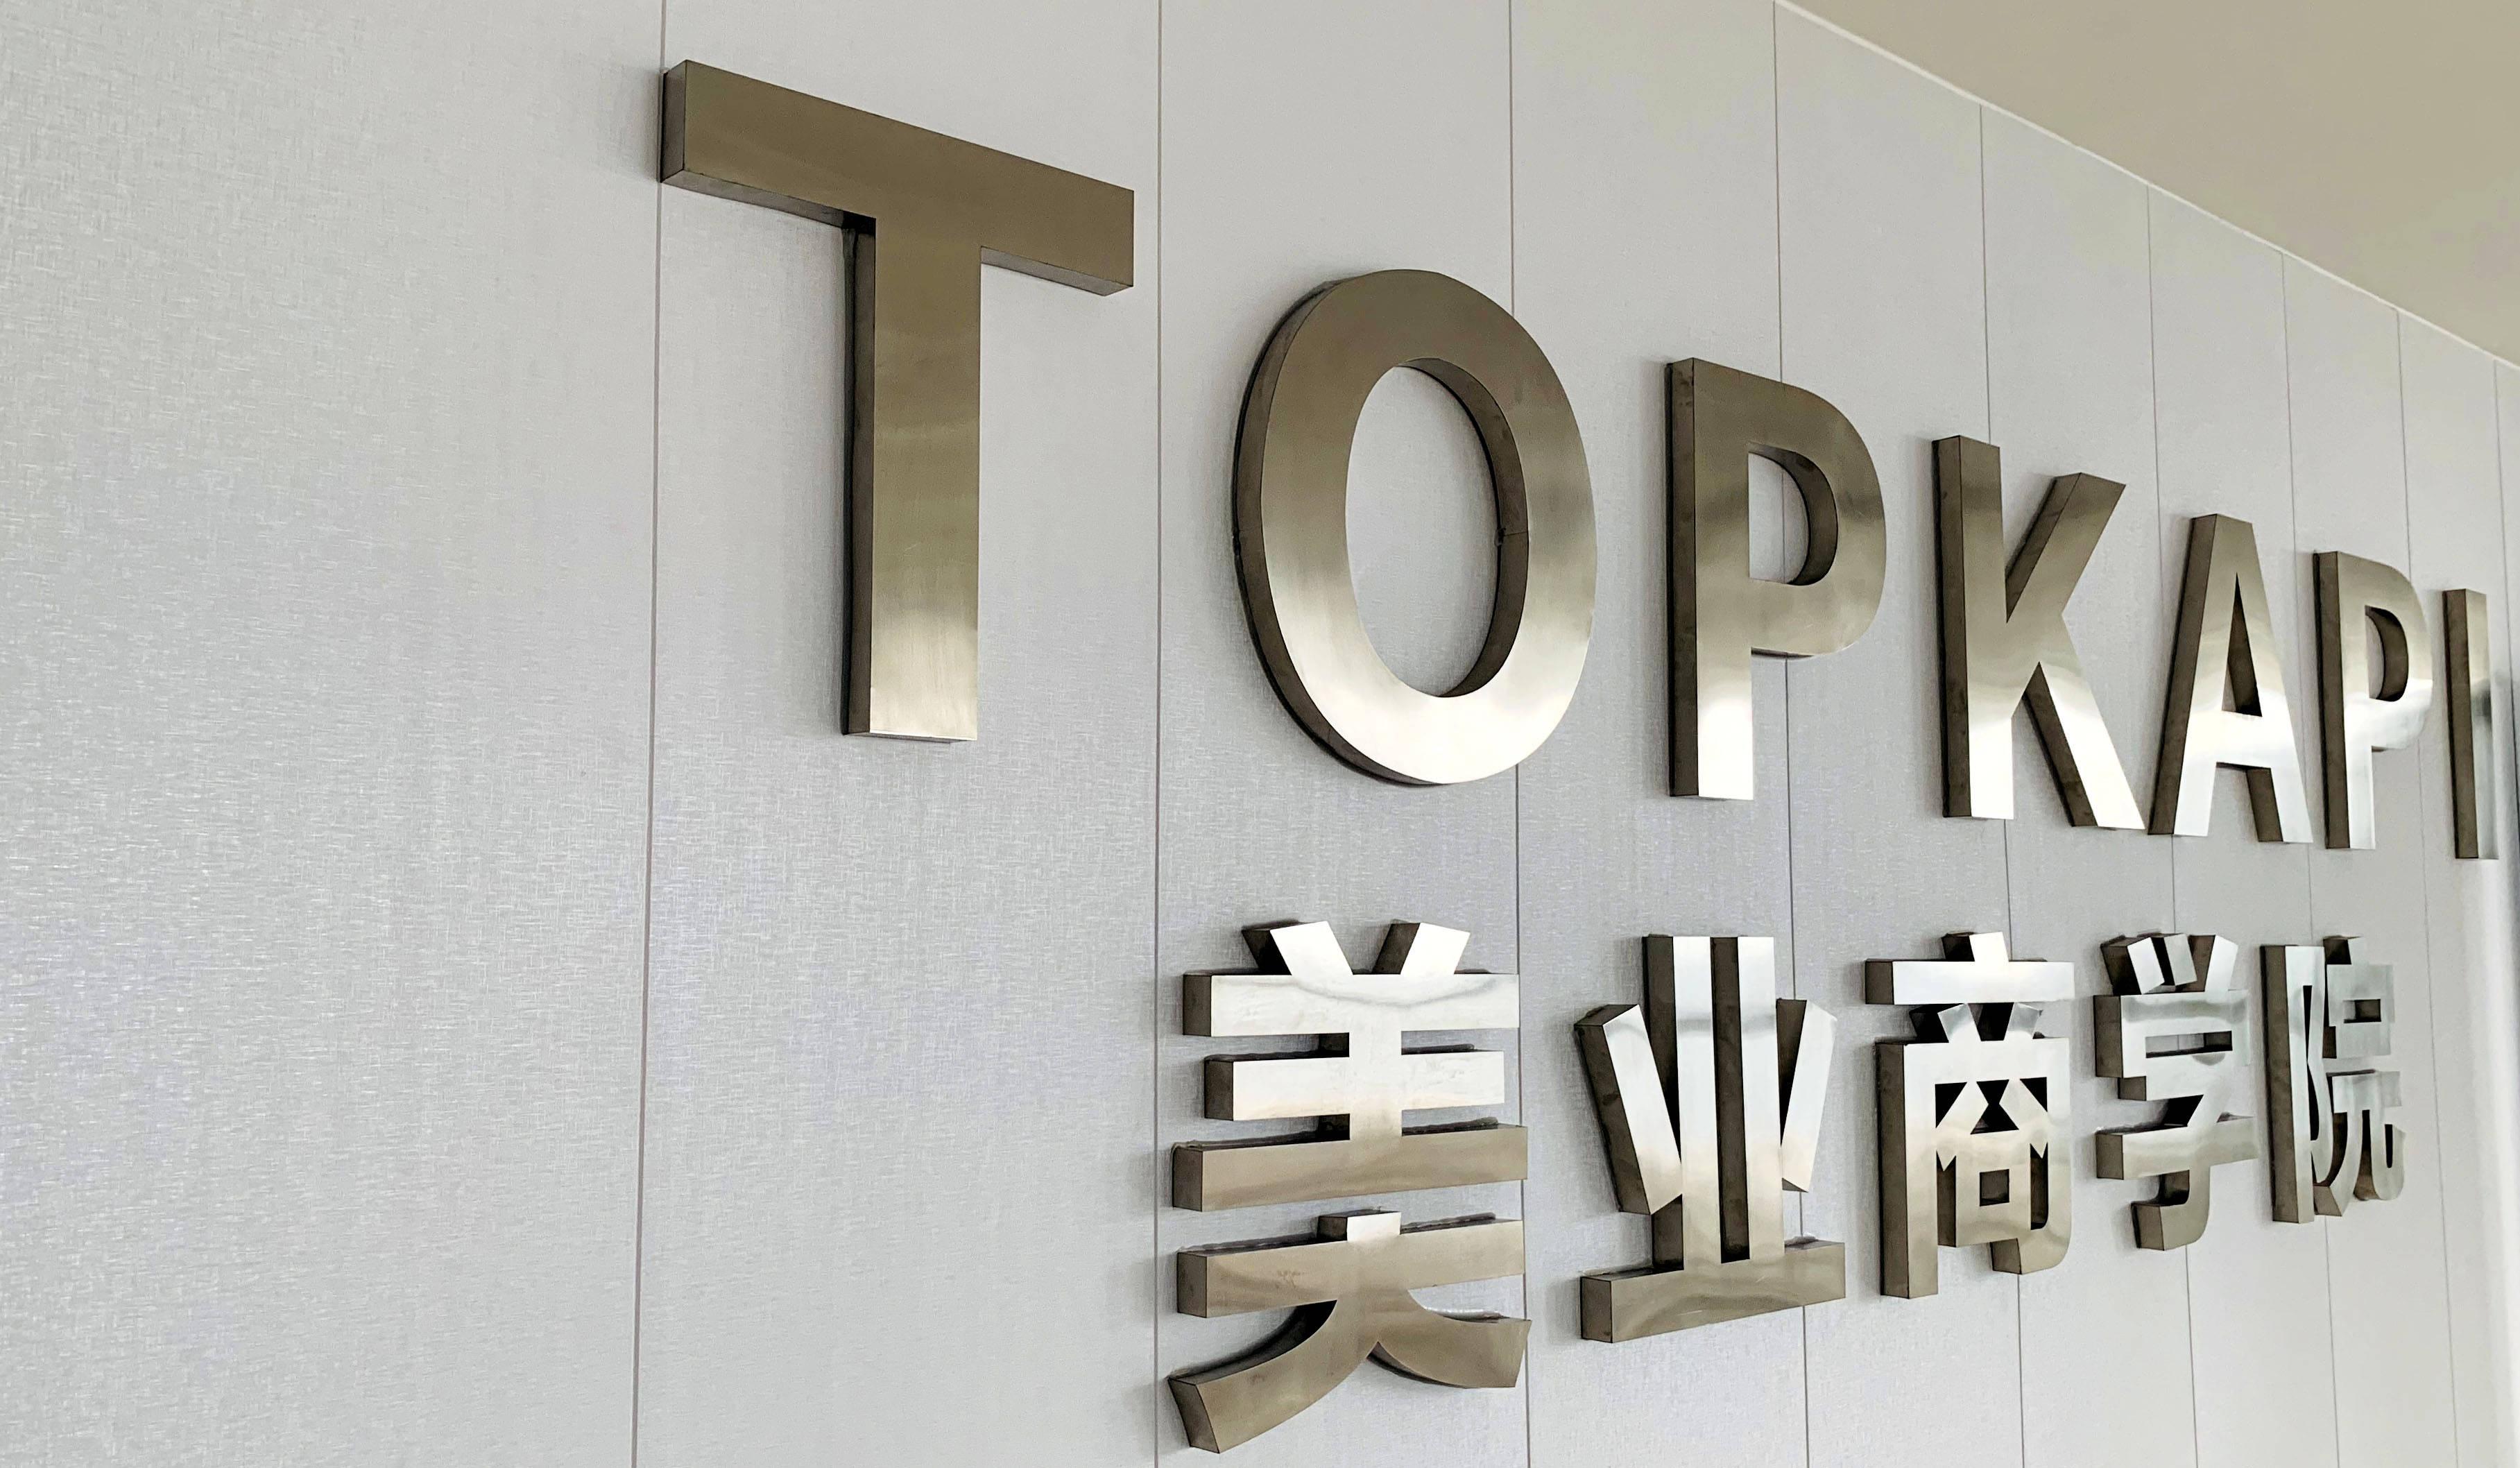 日式皮肤管理培训行业新蓝海,TOPKAPI提供入行指南